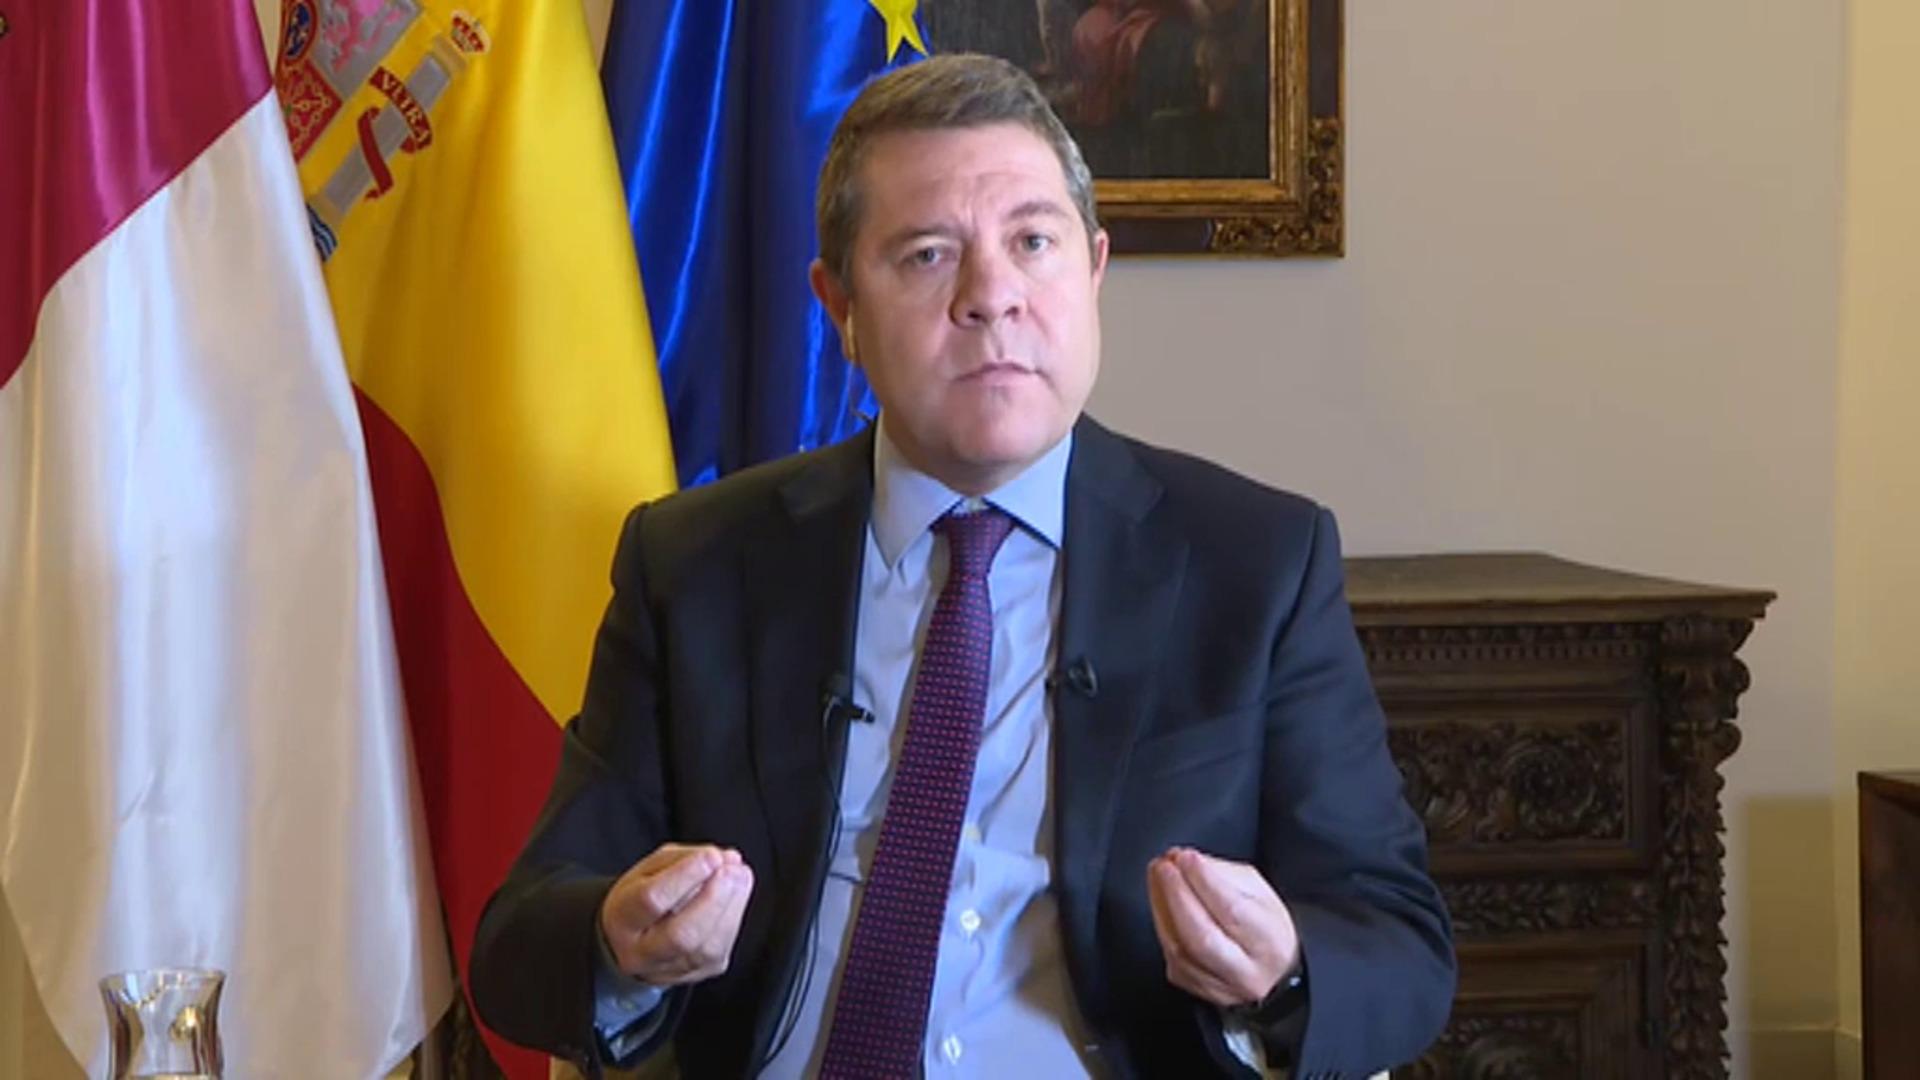 """García-Page: """"Todo lo que afecta a más de una comunidad exige la intervención del Estado"""""""